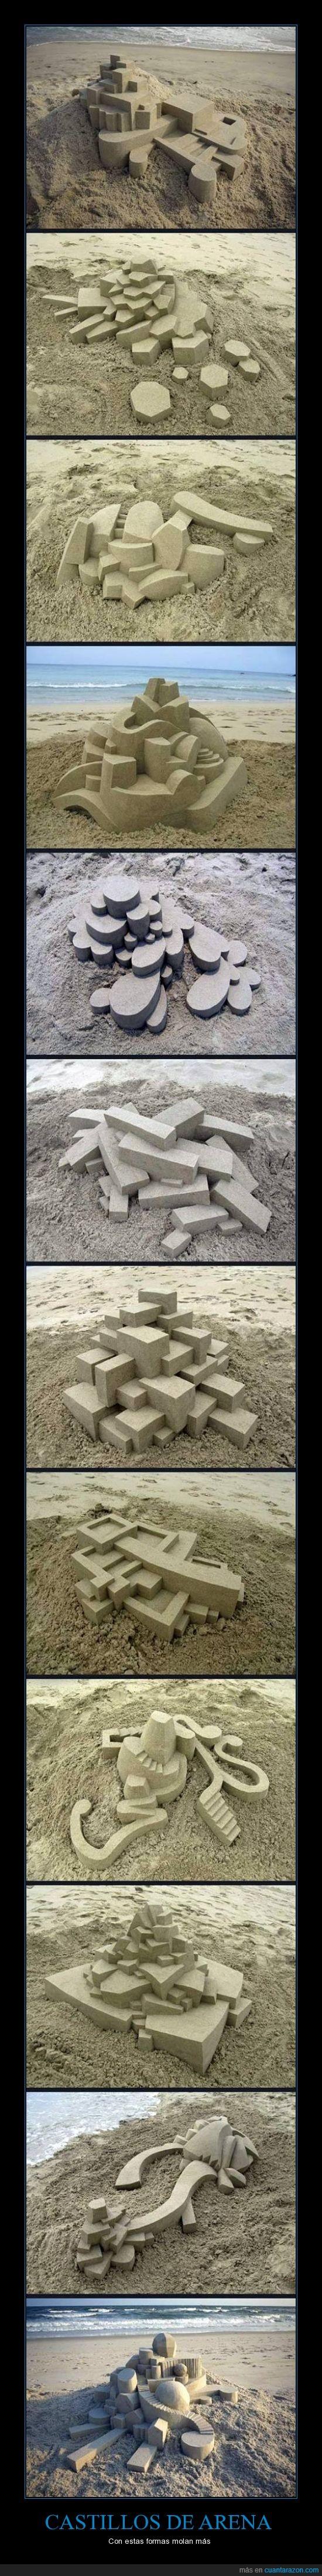 arena,castillo de arena,cuadrado,escaleras,formas,playa,rectángulo,redondas